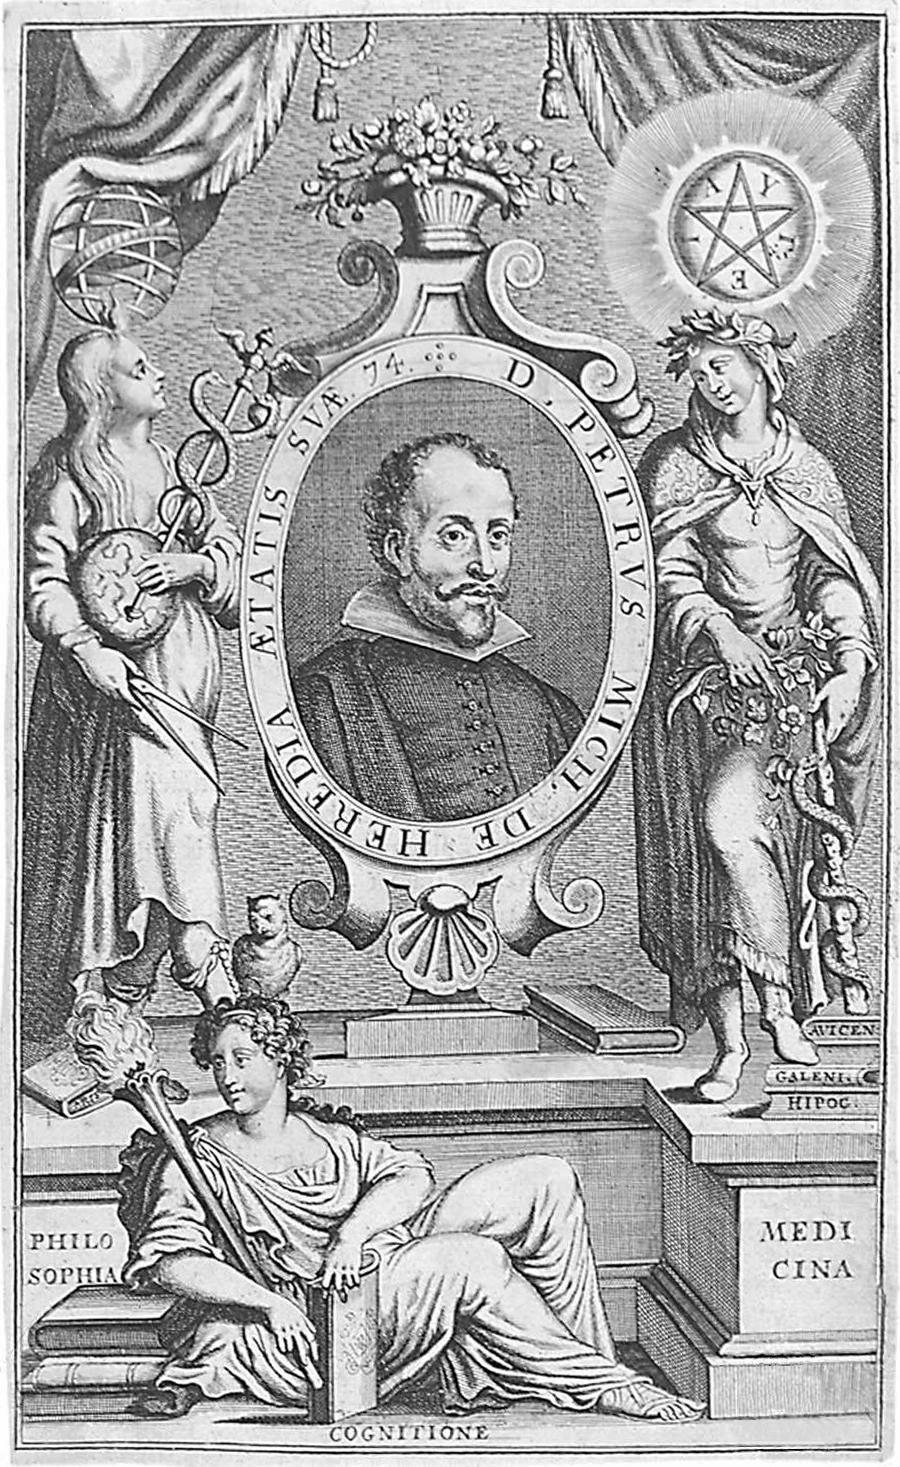 Pedro Miguel De Heredia